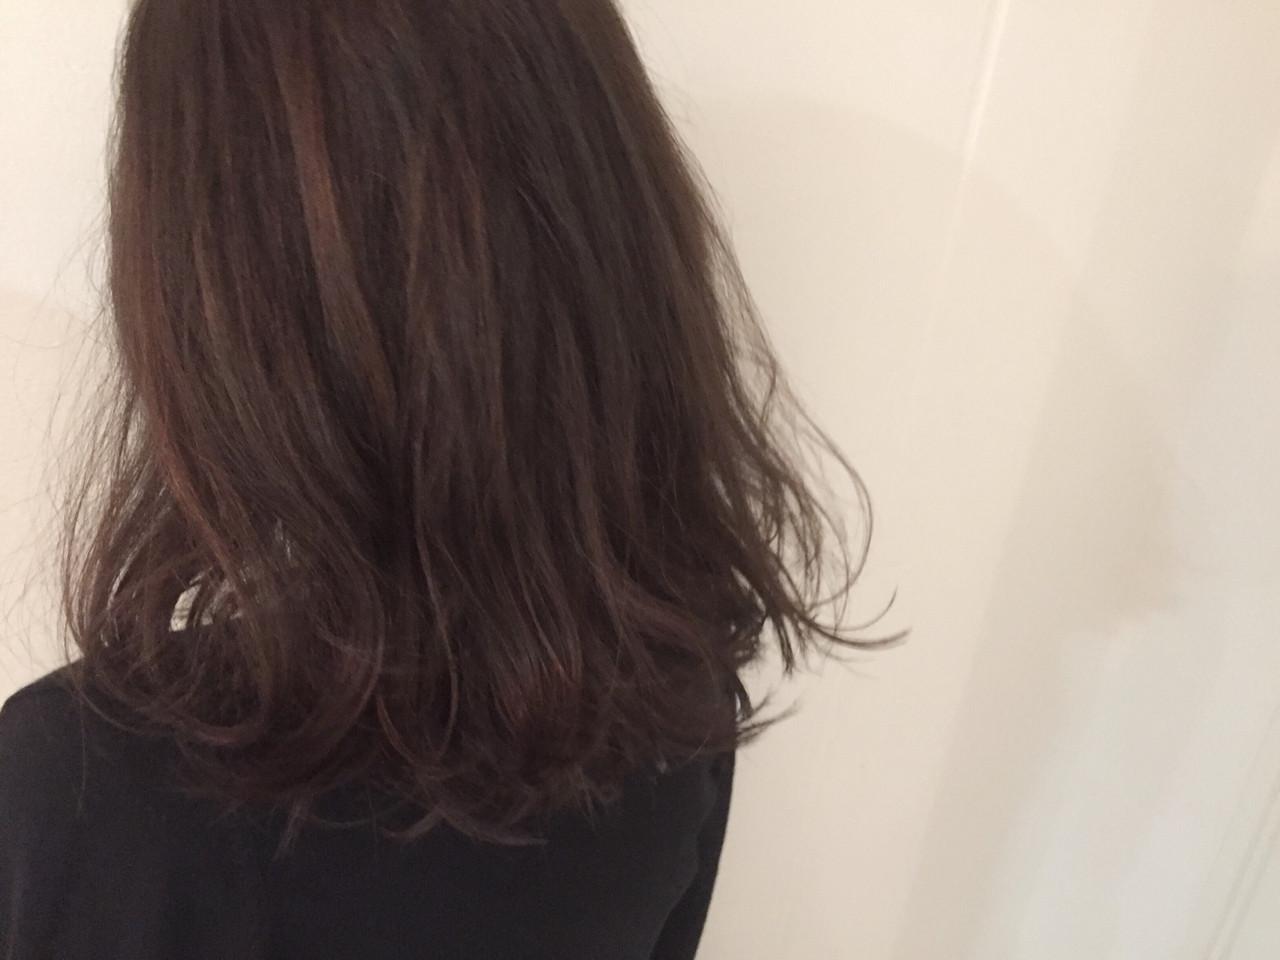 ストリート アッシュ セミロング ハイライト ヘアスタイルや髪型の写真・画像 | 上田友康 / DiLL